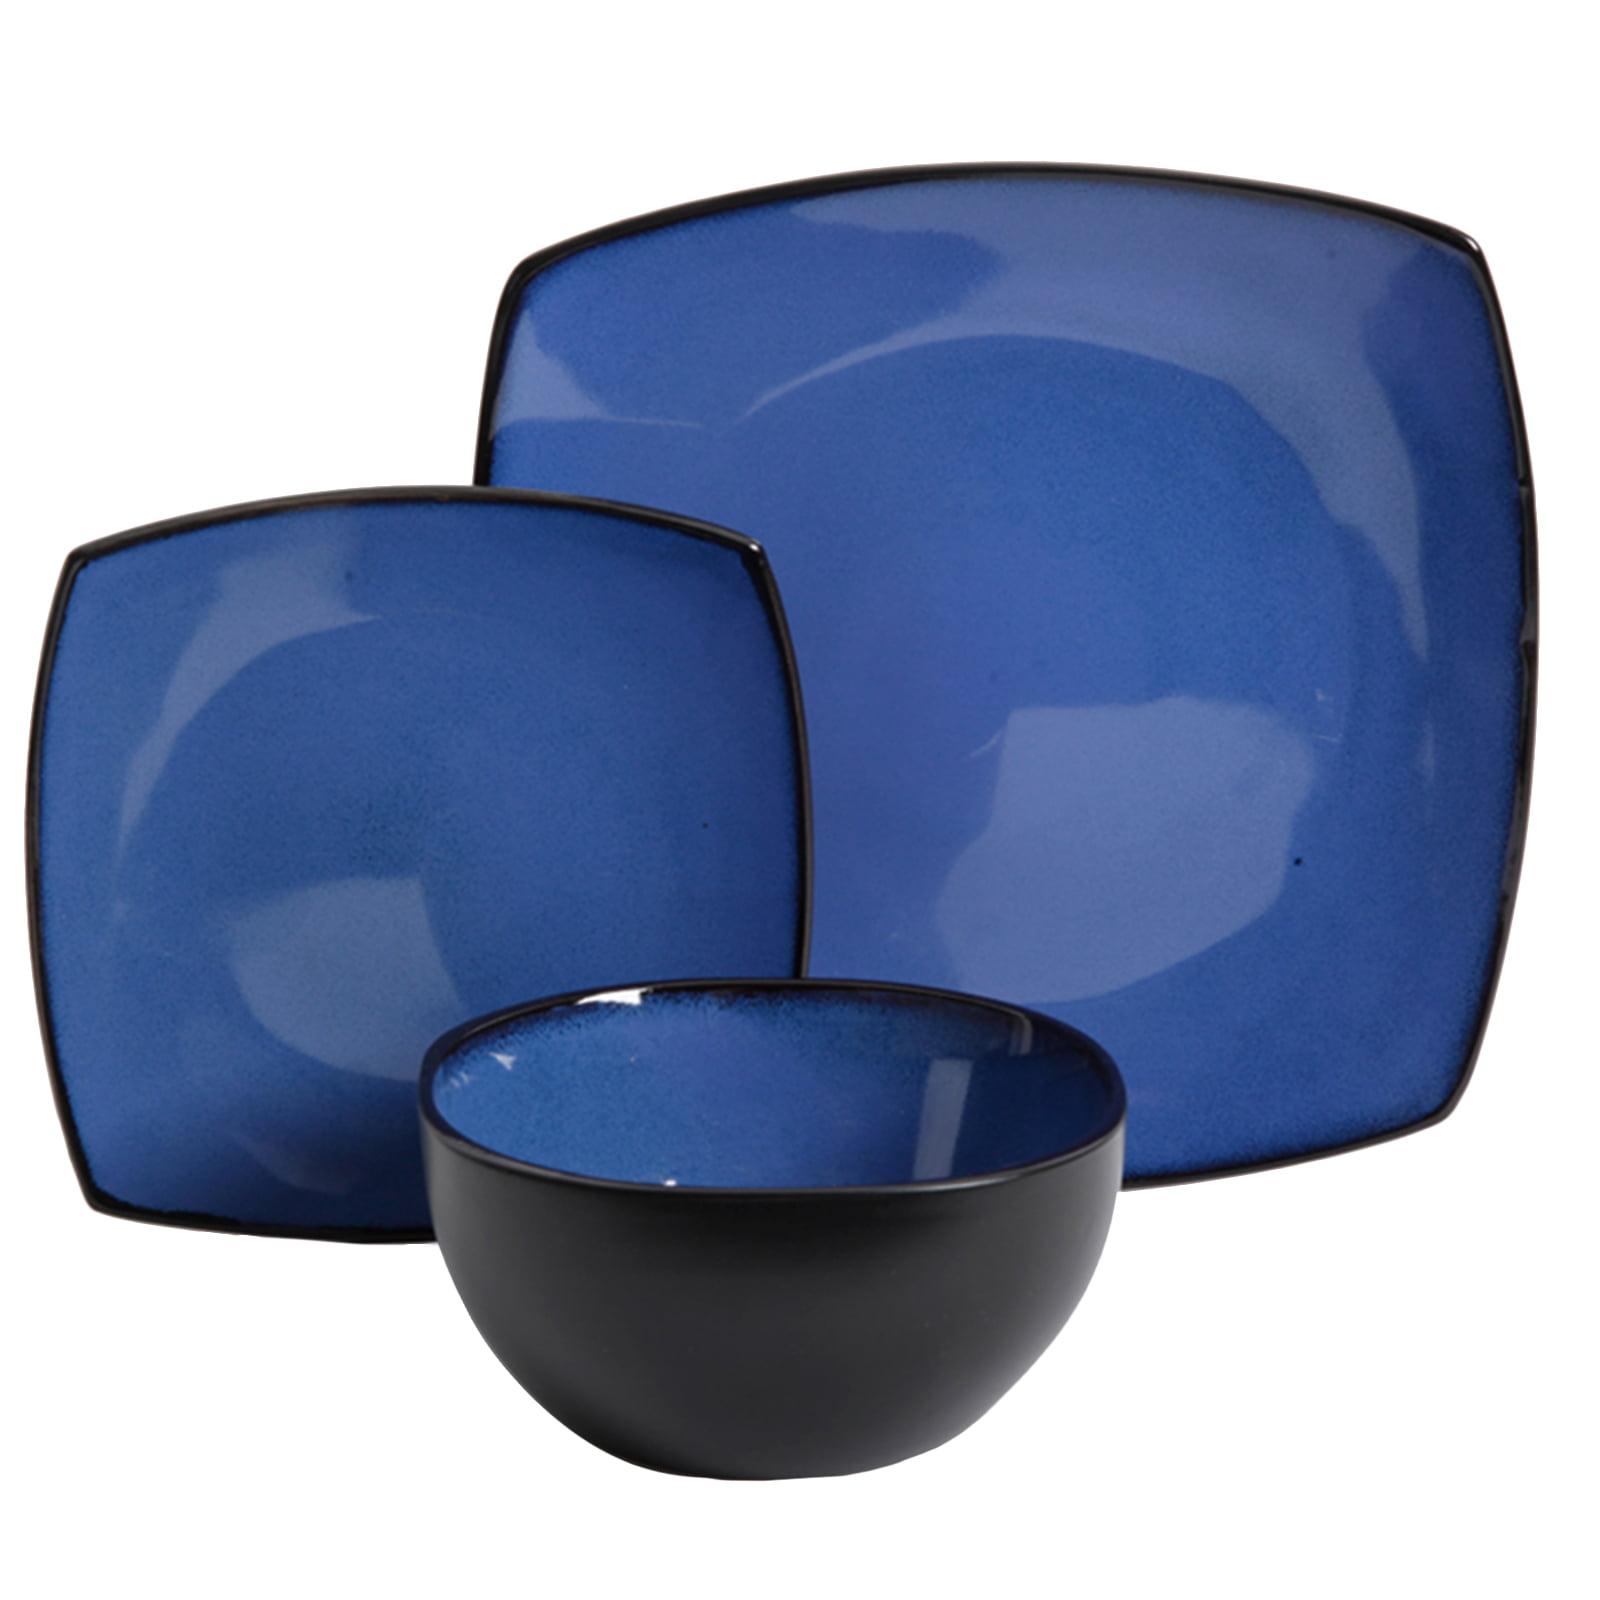 Soho Lounge 12-Piece Soft Square Dinnerware Set, Cobalt Blue